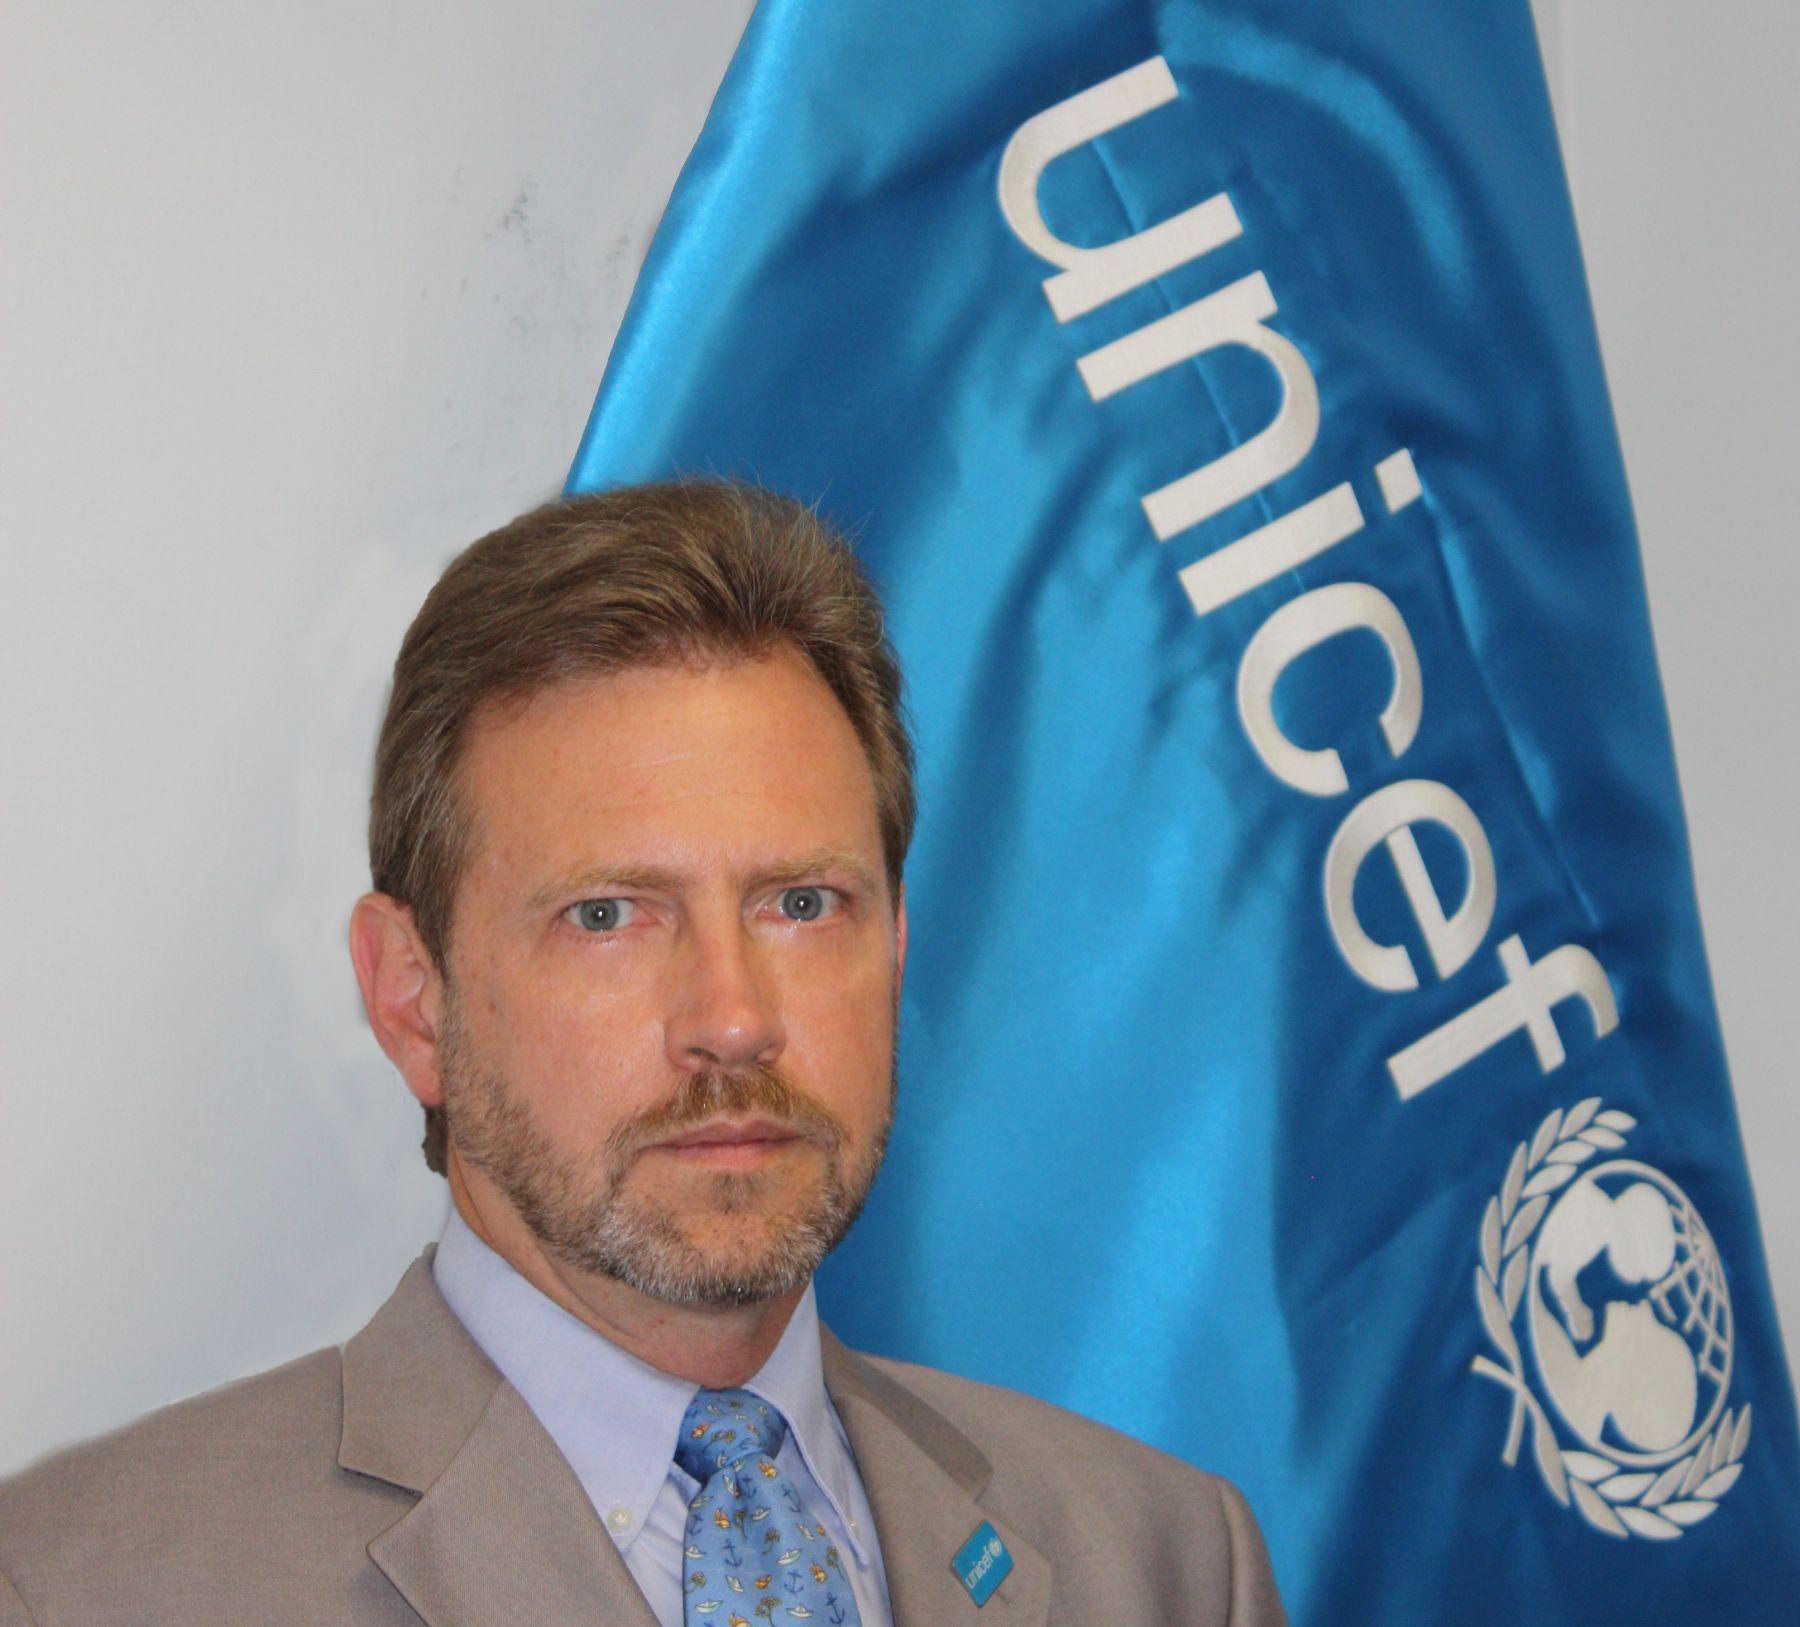 Nuevo representante de Unicef en Perú, Paul Martin